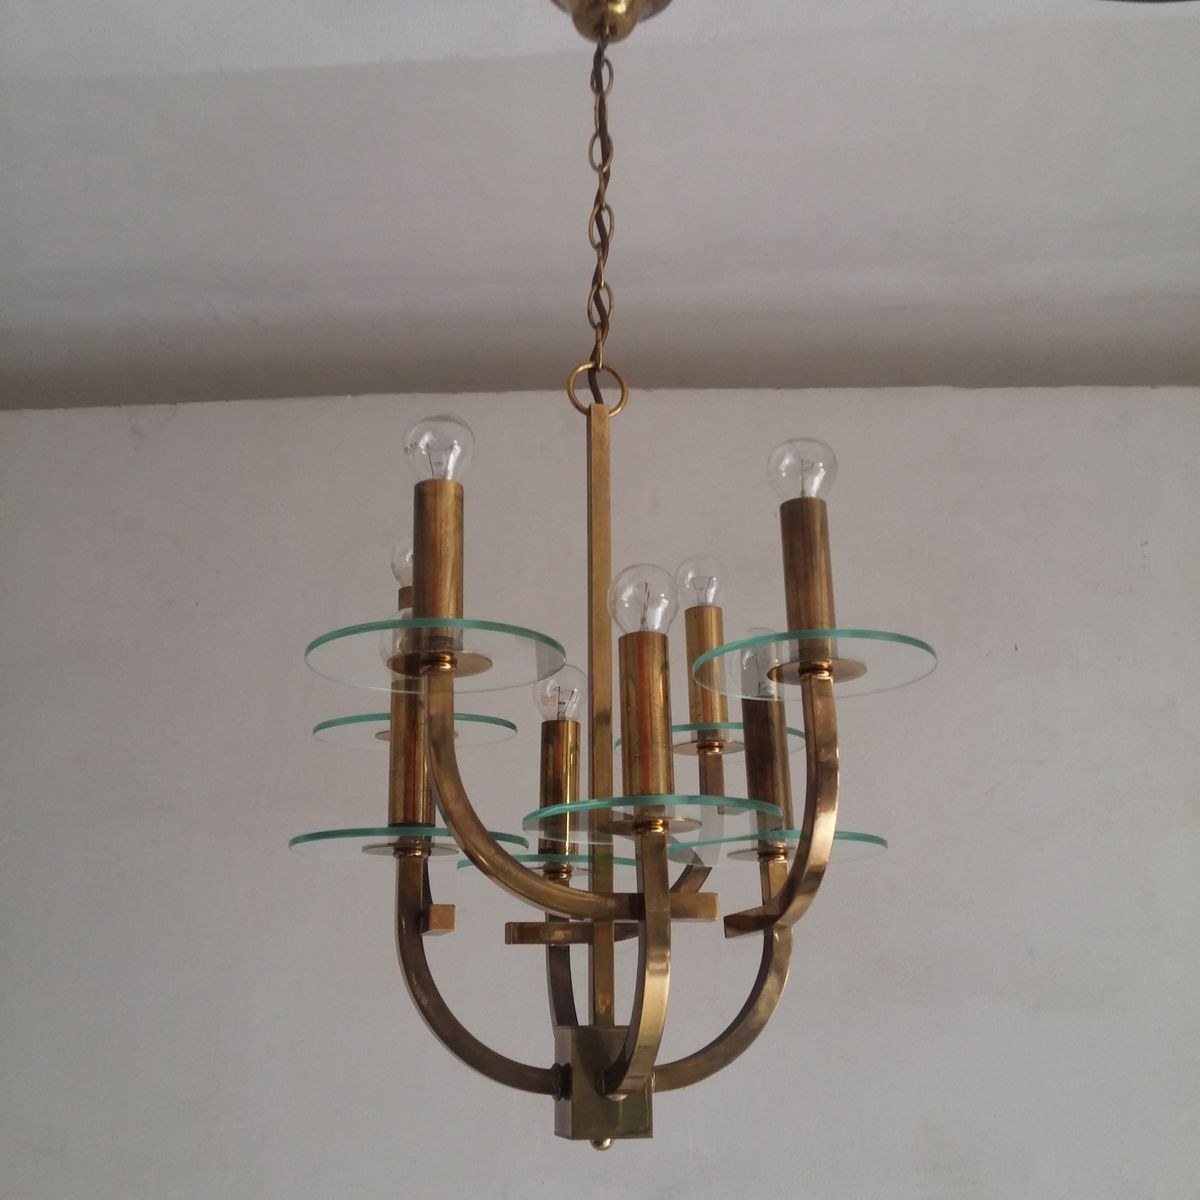 mid century kronleuchter mit 8 leuchten bei pamono kaufen. Black Bedroom Furniture Sets. Home Design Ideas